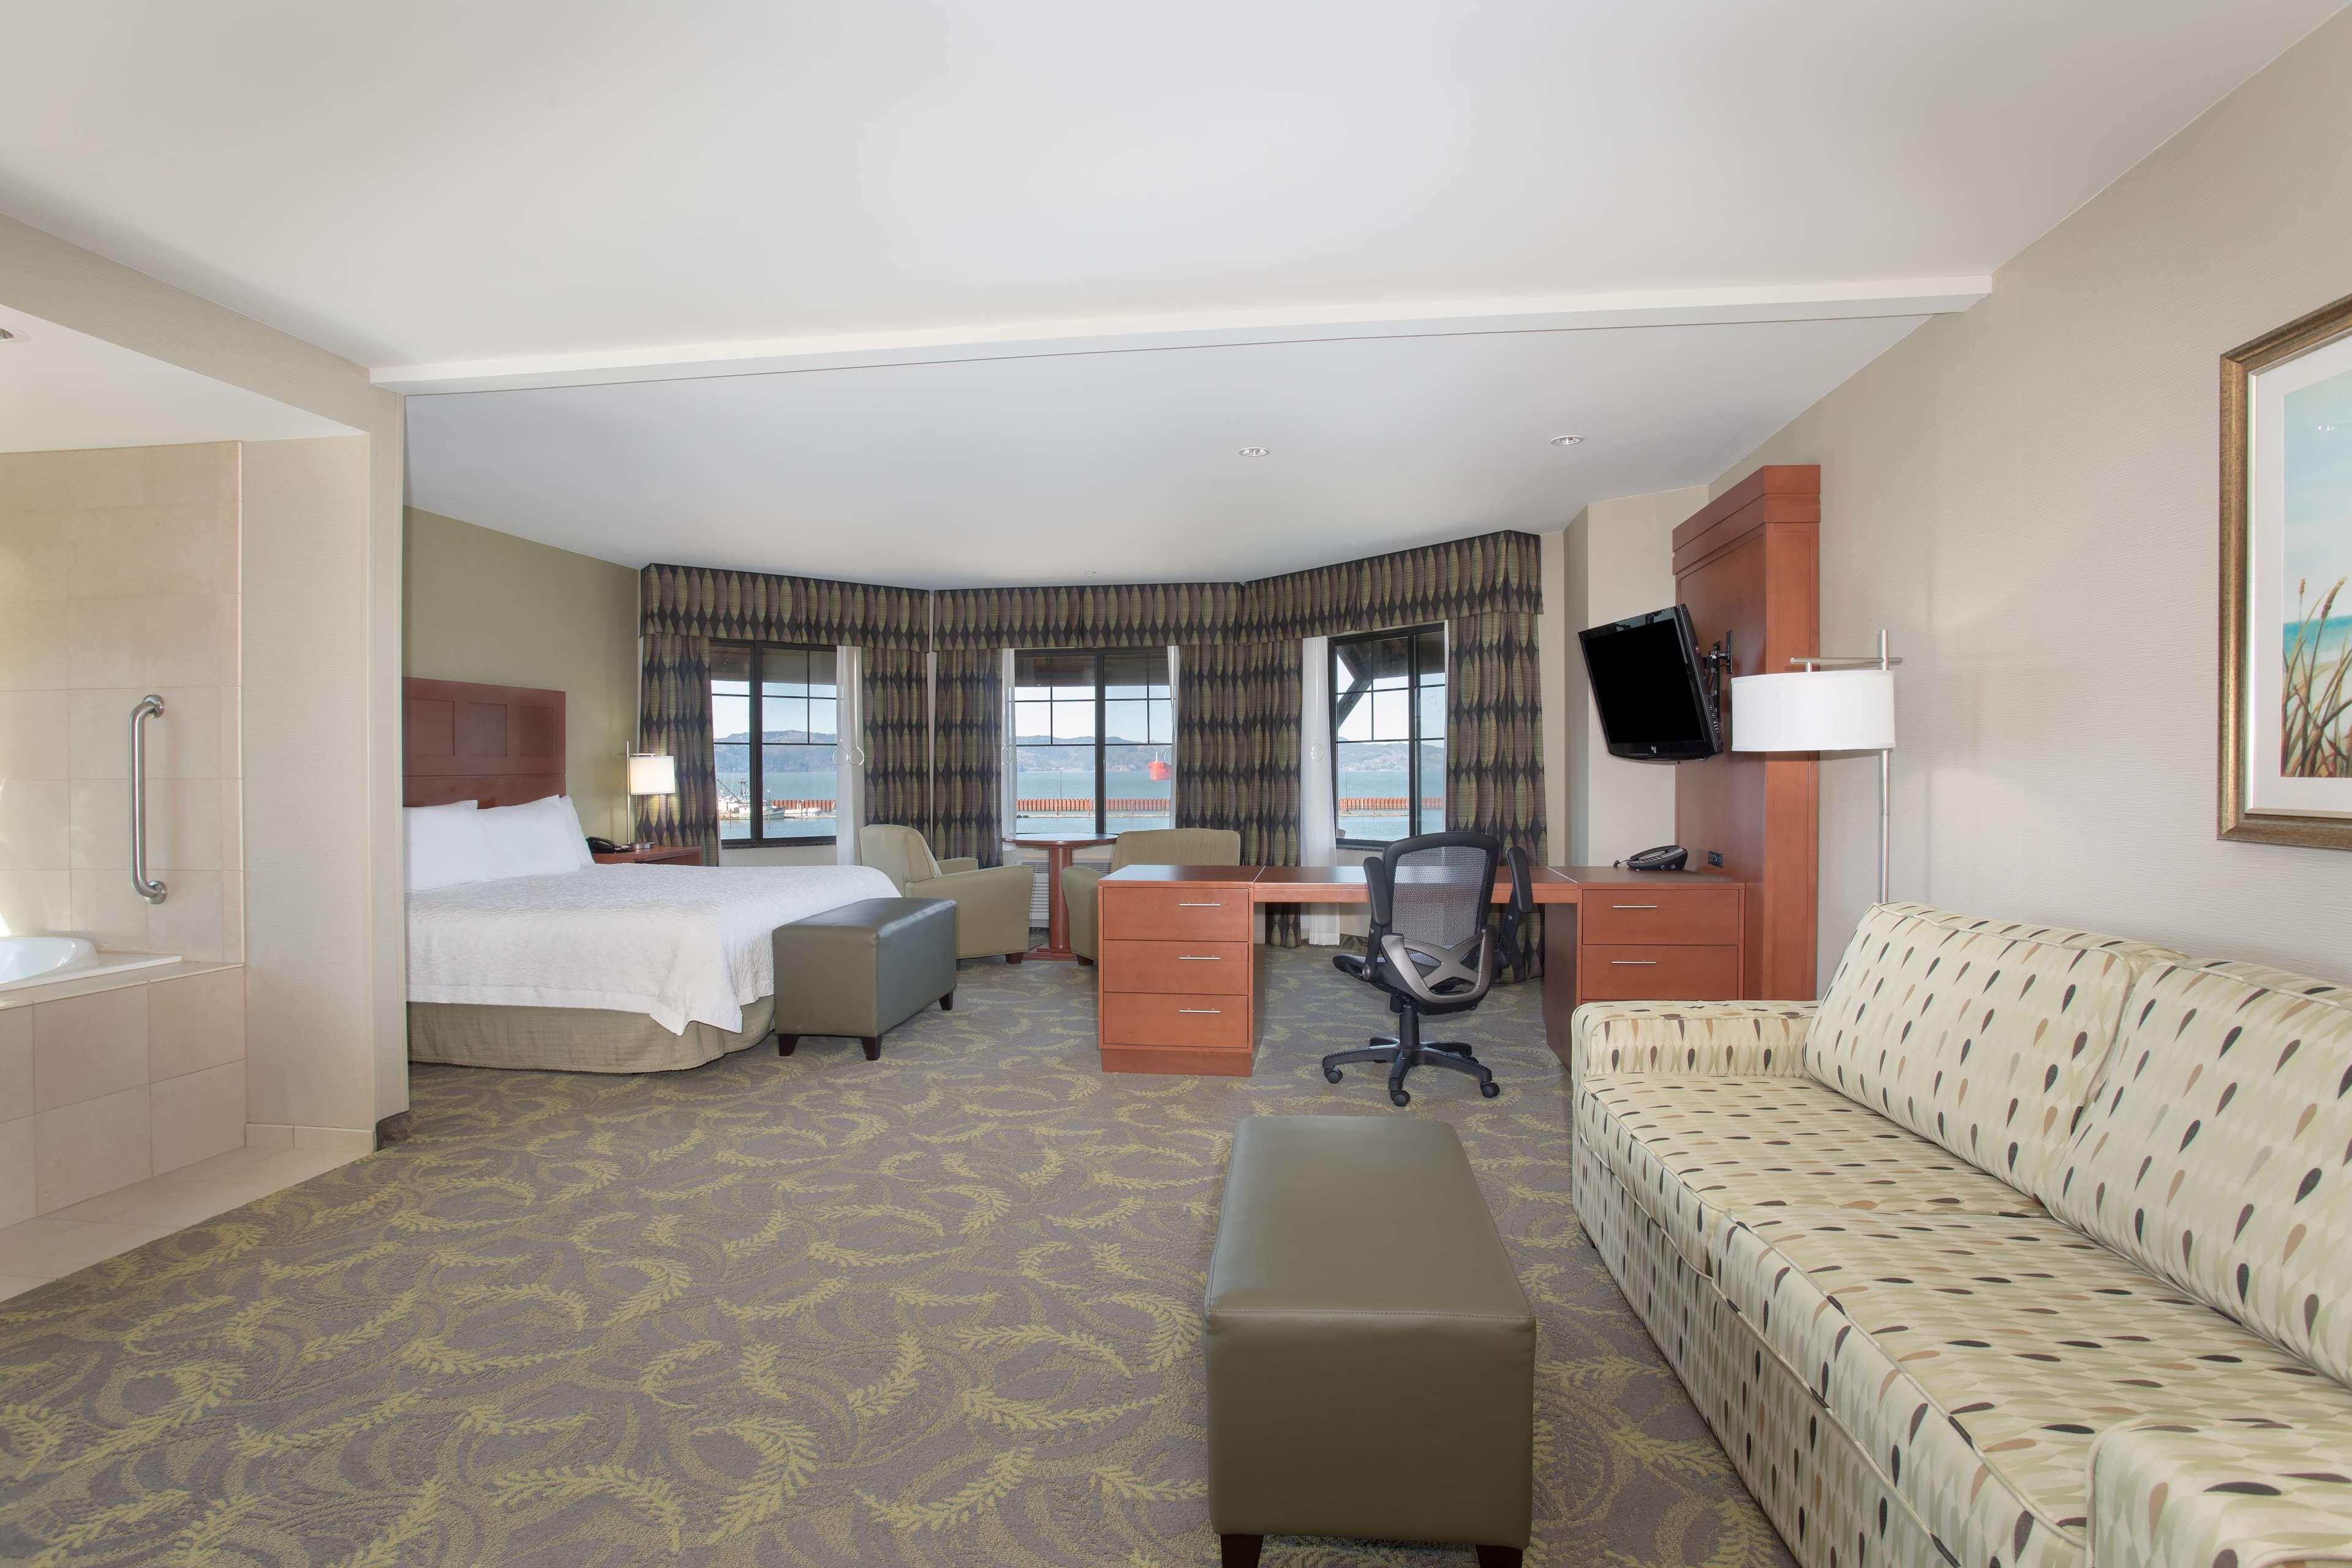 Hampton Inn & Suites Astoria image 68